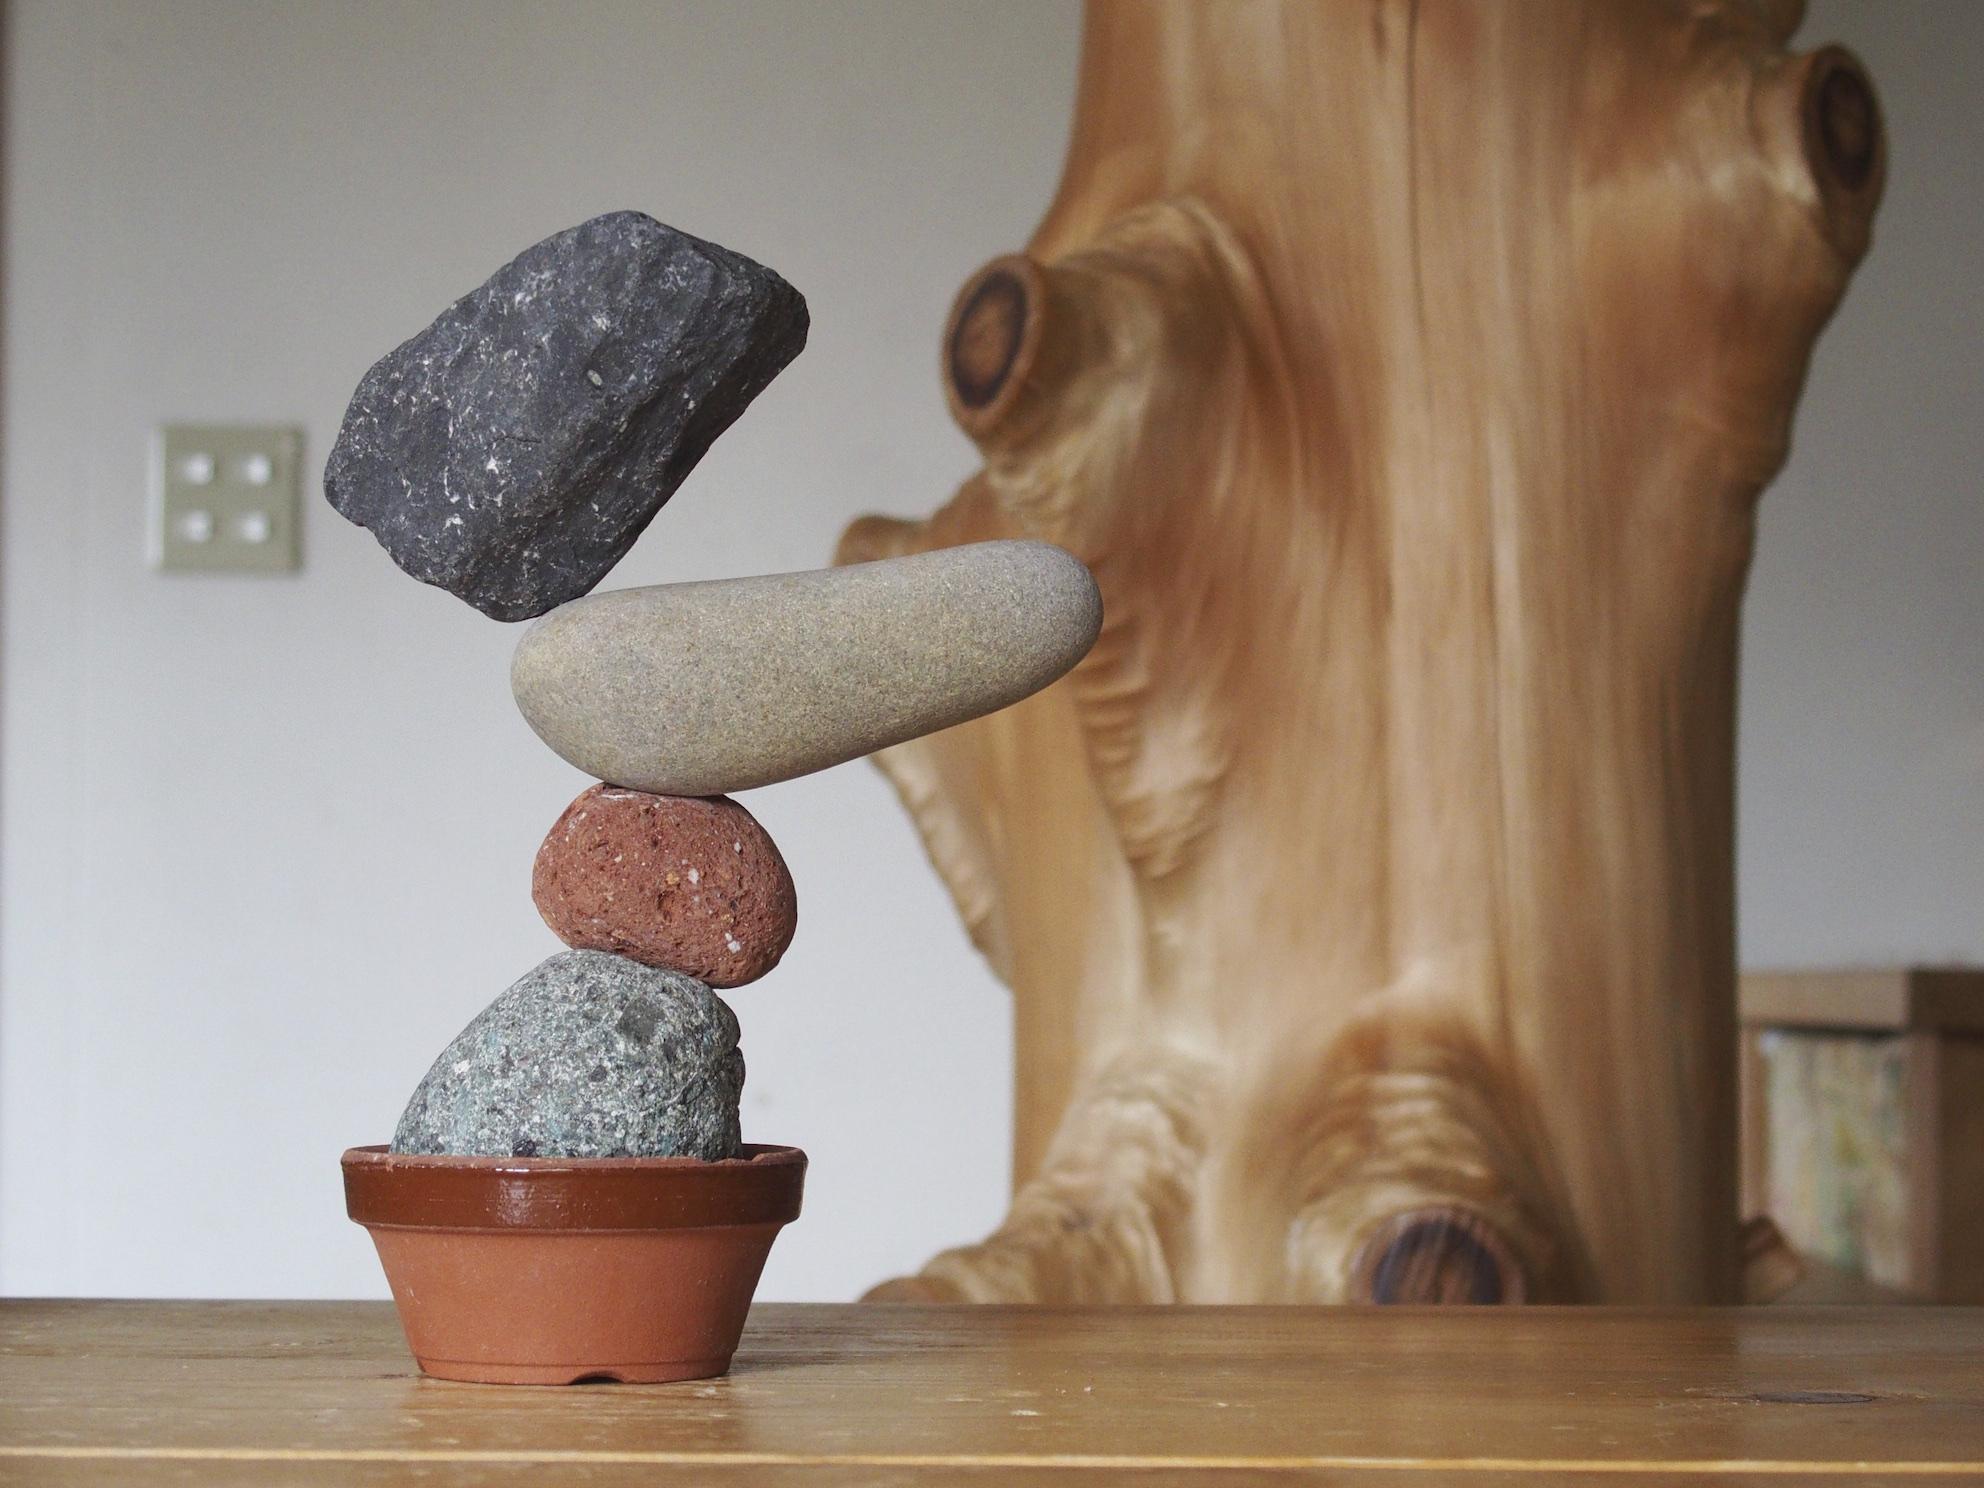 石を並べていると完成形が見えてくる